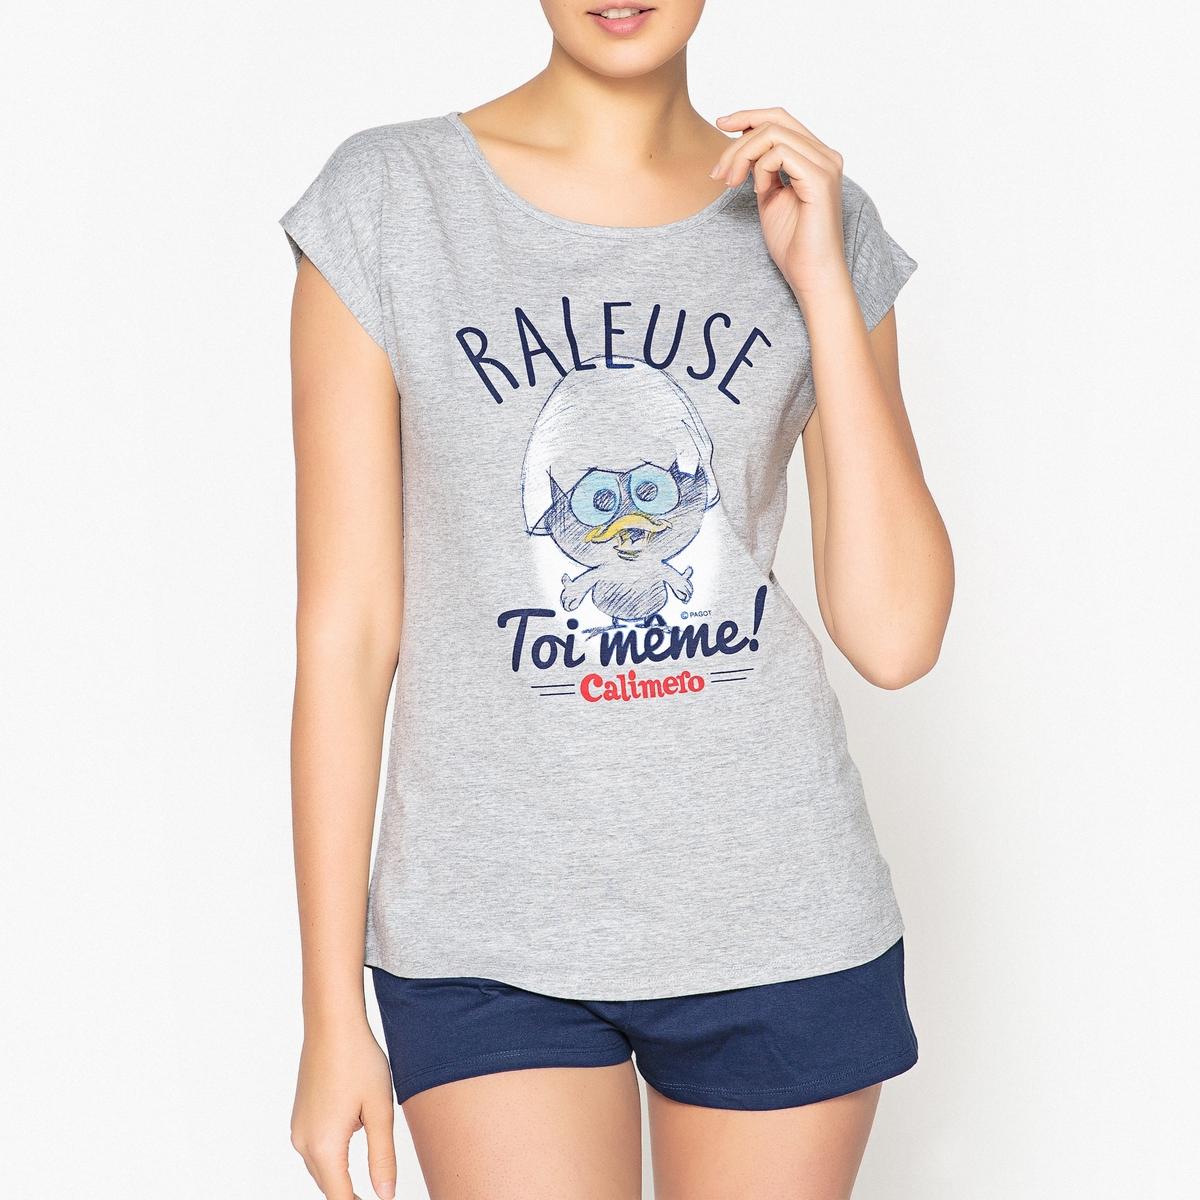 Пижама из хлопка с рисунком, с шортами, CalimeroОписание:Желание понежиться по утрам? Прекрасная пижама с шортами Calimero подарит прекрасное настроение с самого утра! Пижама Calimero из хлопка, забавная и мягкая!Состав и описание :Пижама с шортами с рисунком.Футболка с закруглённым вырезом, с короткими рукавамиШорты на завязках на талии, 2 боковых кармана •  Состав: Высота : 93% хлопка,  7% полиэстера -  Шорты:   100% хлопок Джерси 160г •  Марка  :  Calimero Уход : •  Машинная стирка при 30° с вещами схожих цветов.  •  Стирать, сушить и гладить с изнаночной стороны.  •  Машинная сушка на умеренном режиме. •   Гладить при низкой температуре.<br><br>Цвет: сине-серый